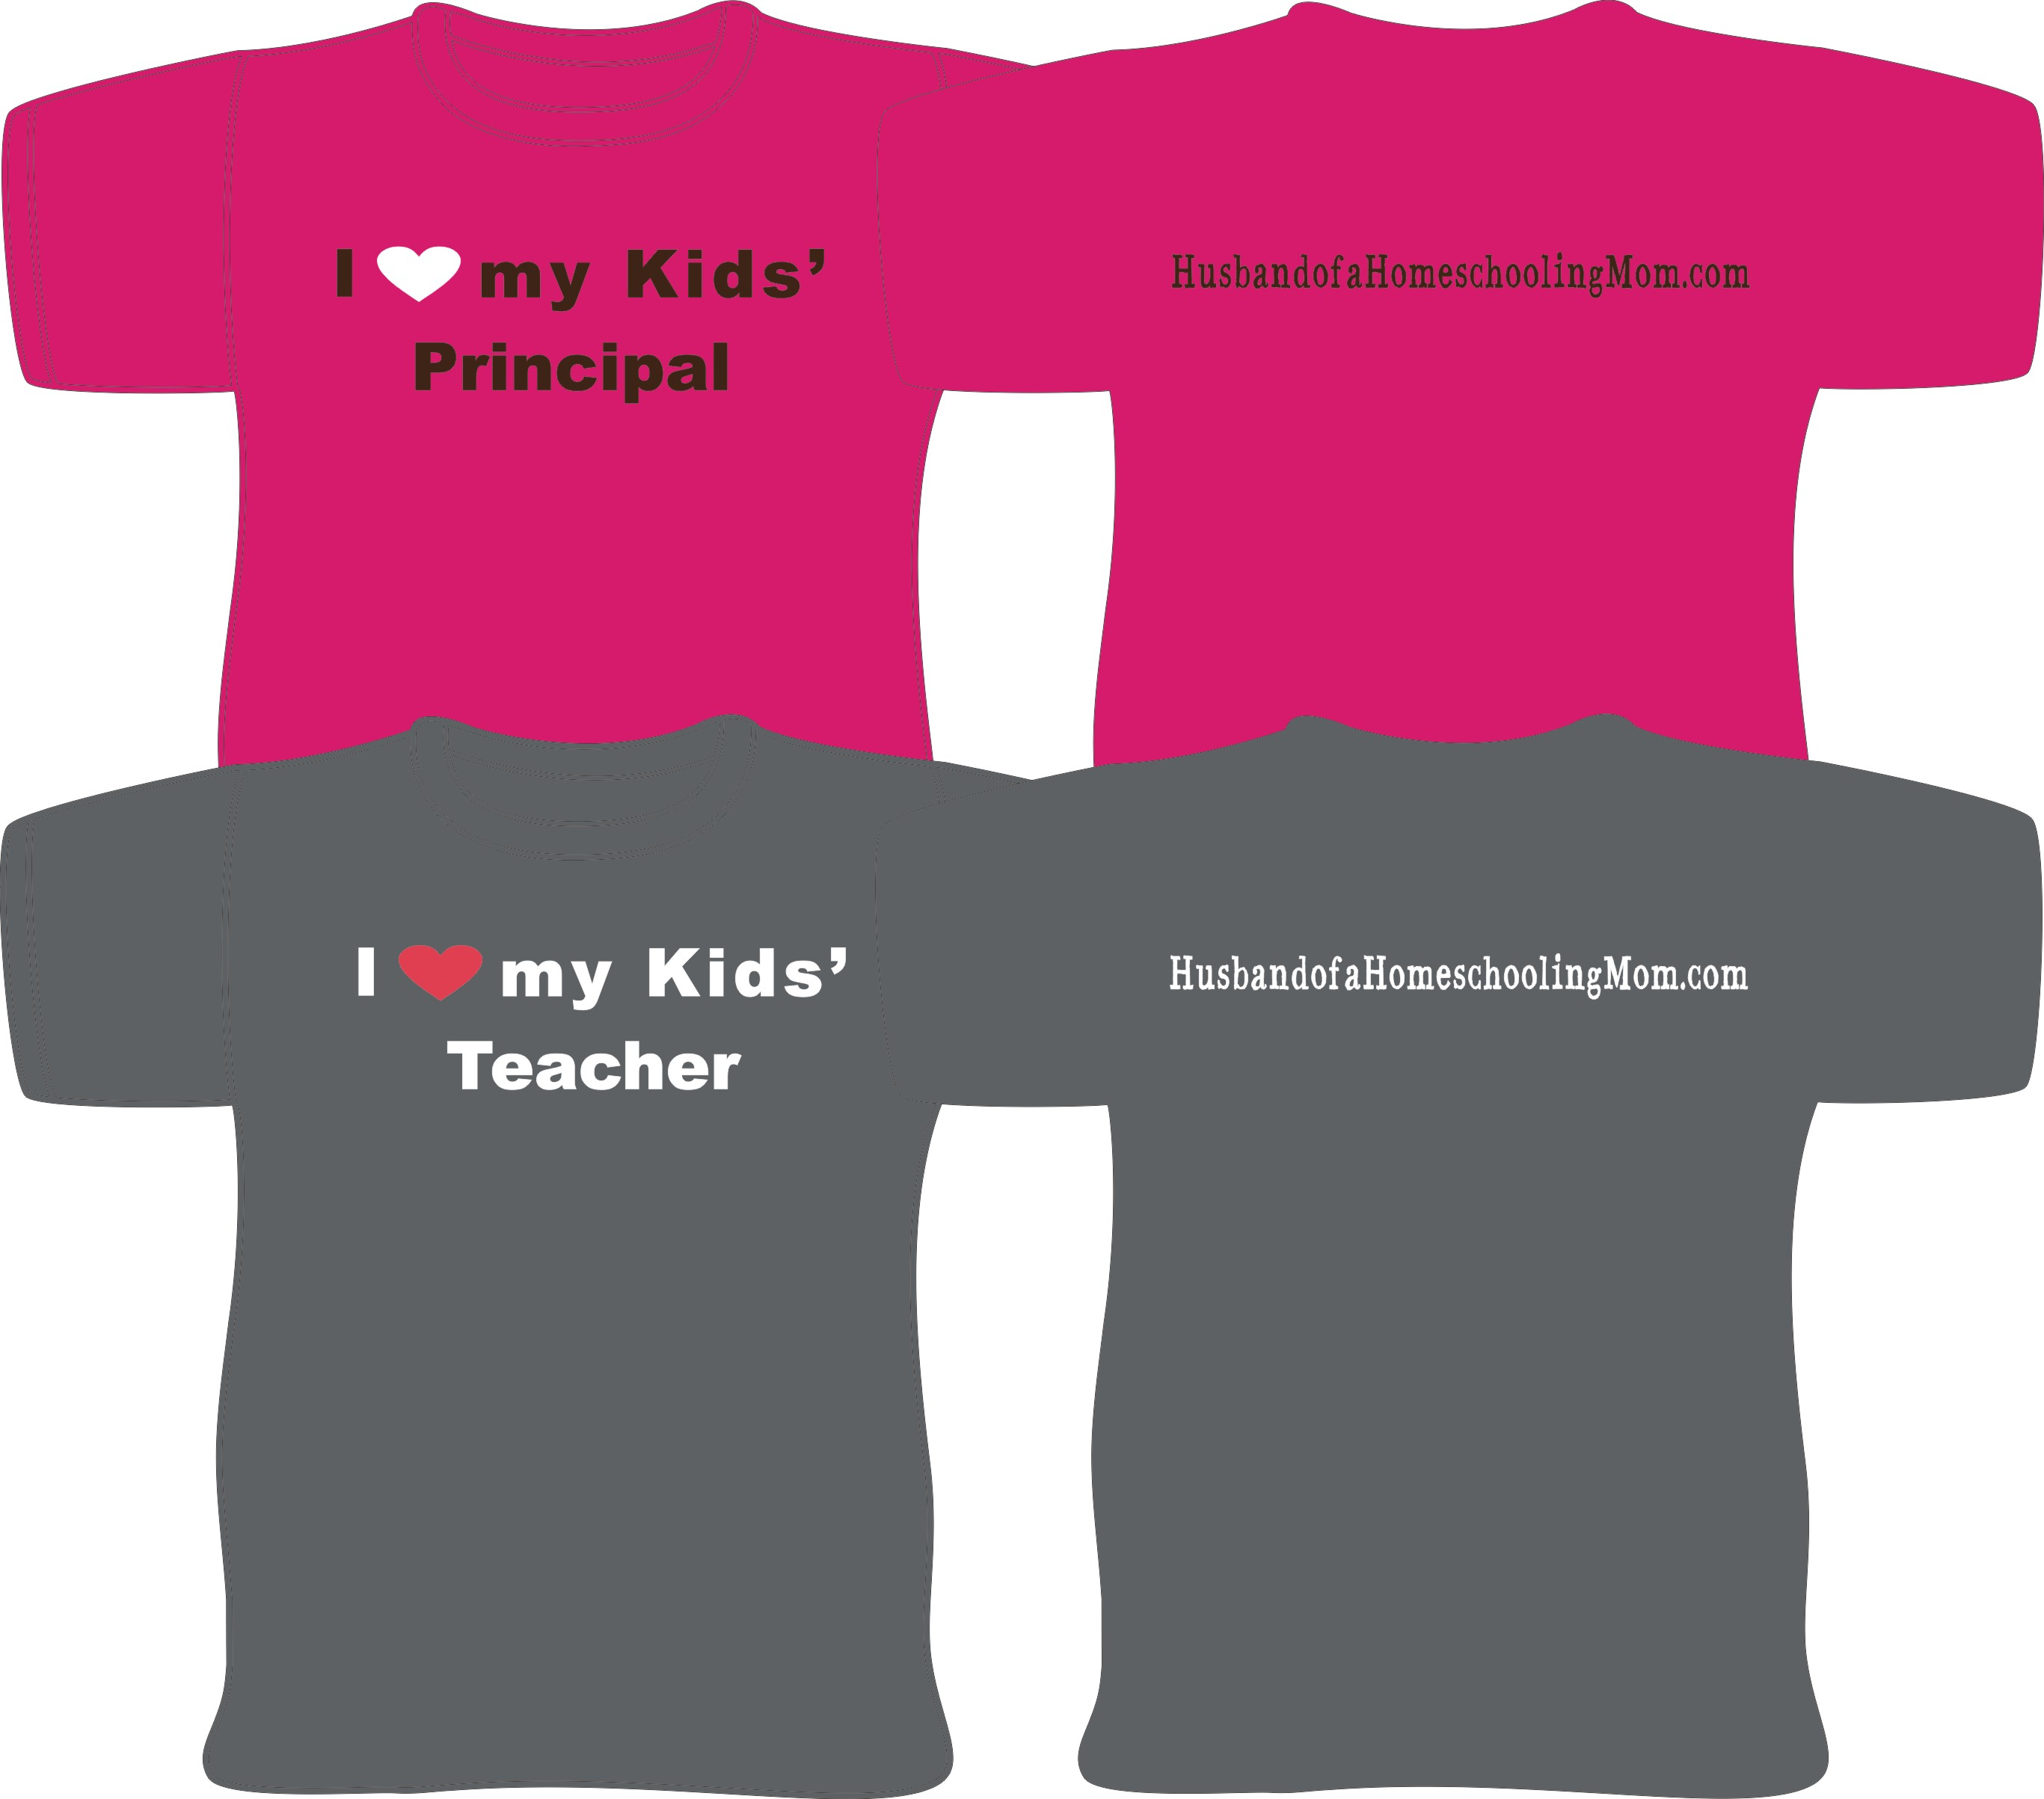 Husband of a Homeschooling Mom T-Shirts